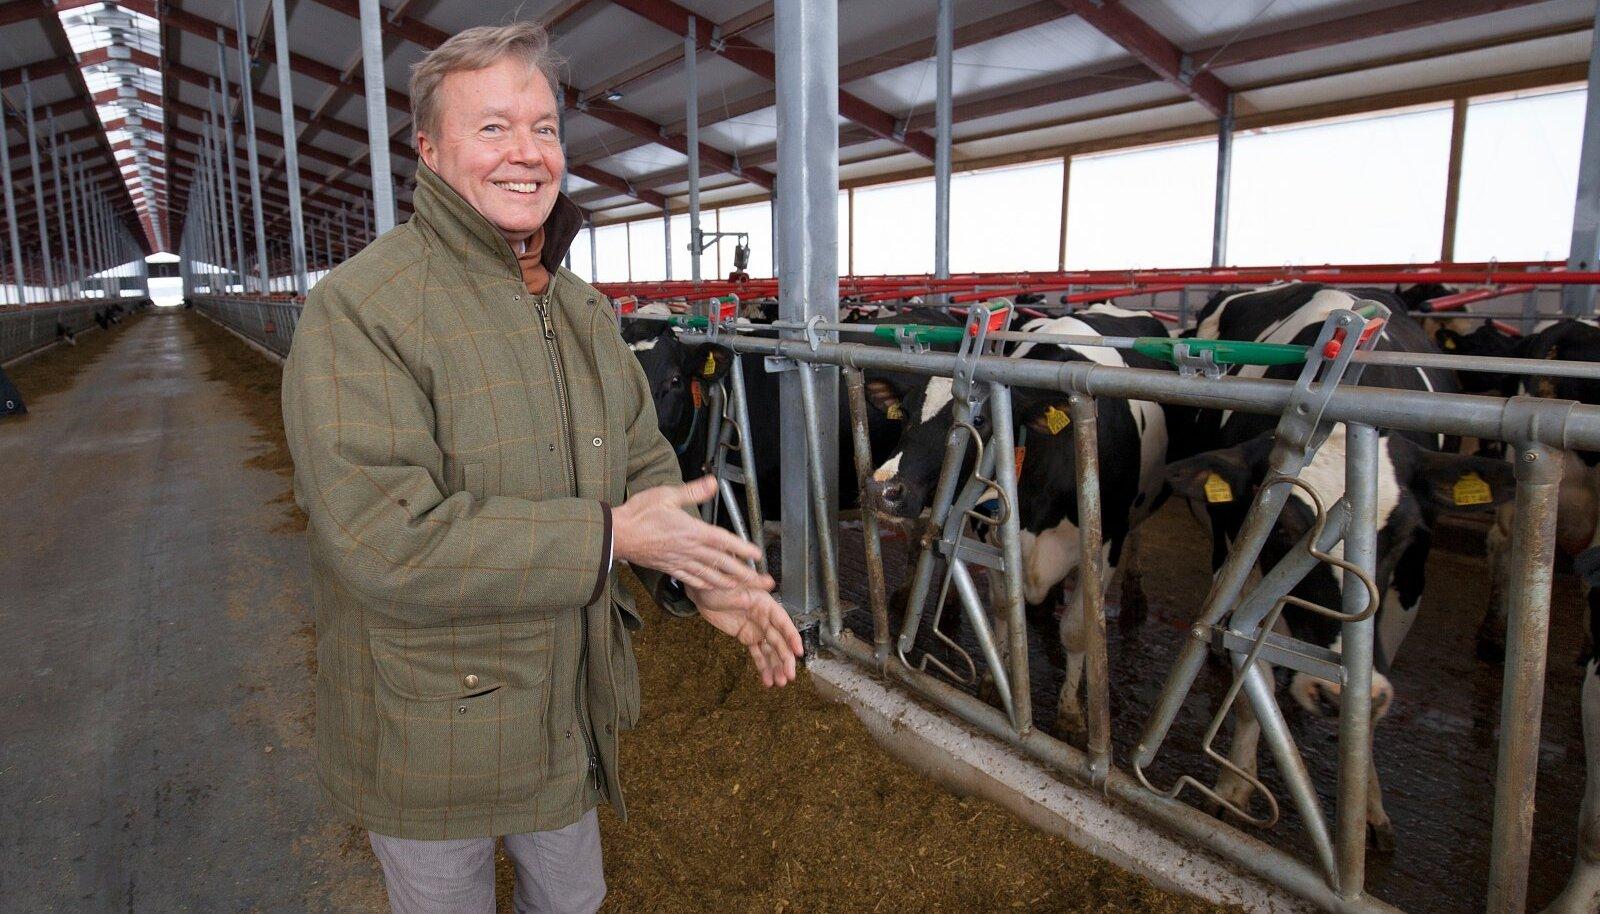 Tipplehmad kasvavad uues laudakompleksis, mis avati kaks aastat tagasi. Farmi avamise üle rõõmustab Kaiu LT omanikfirma Trigon Agri nõukogu esimees Joakim Helenius.